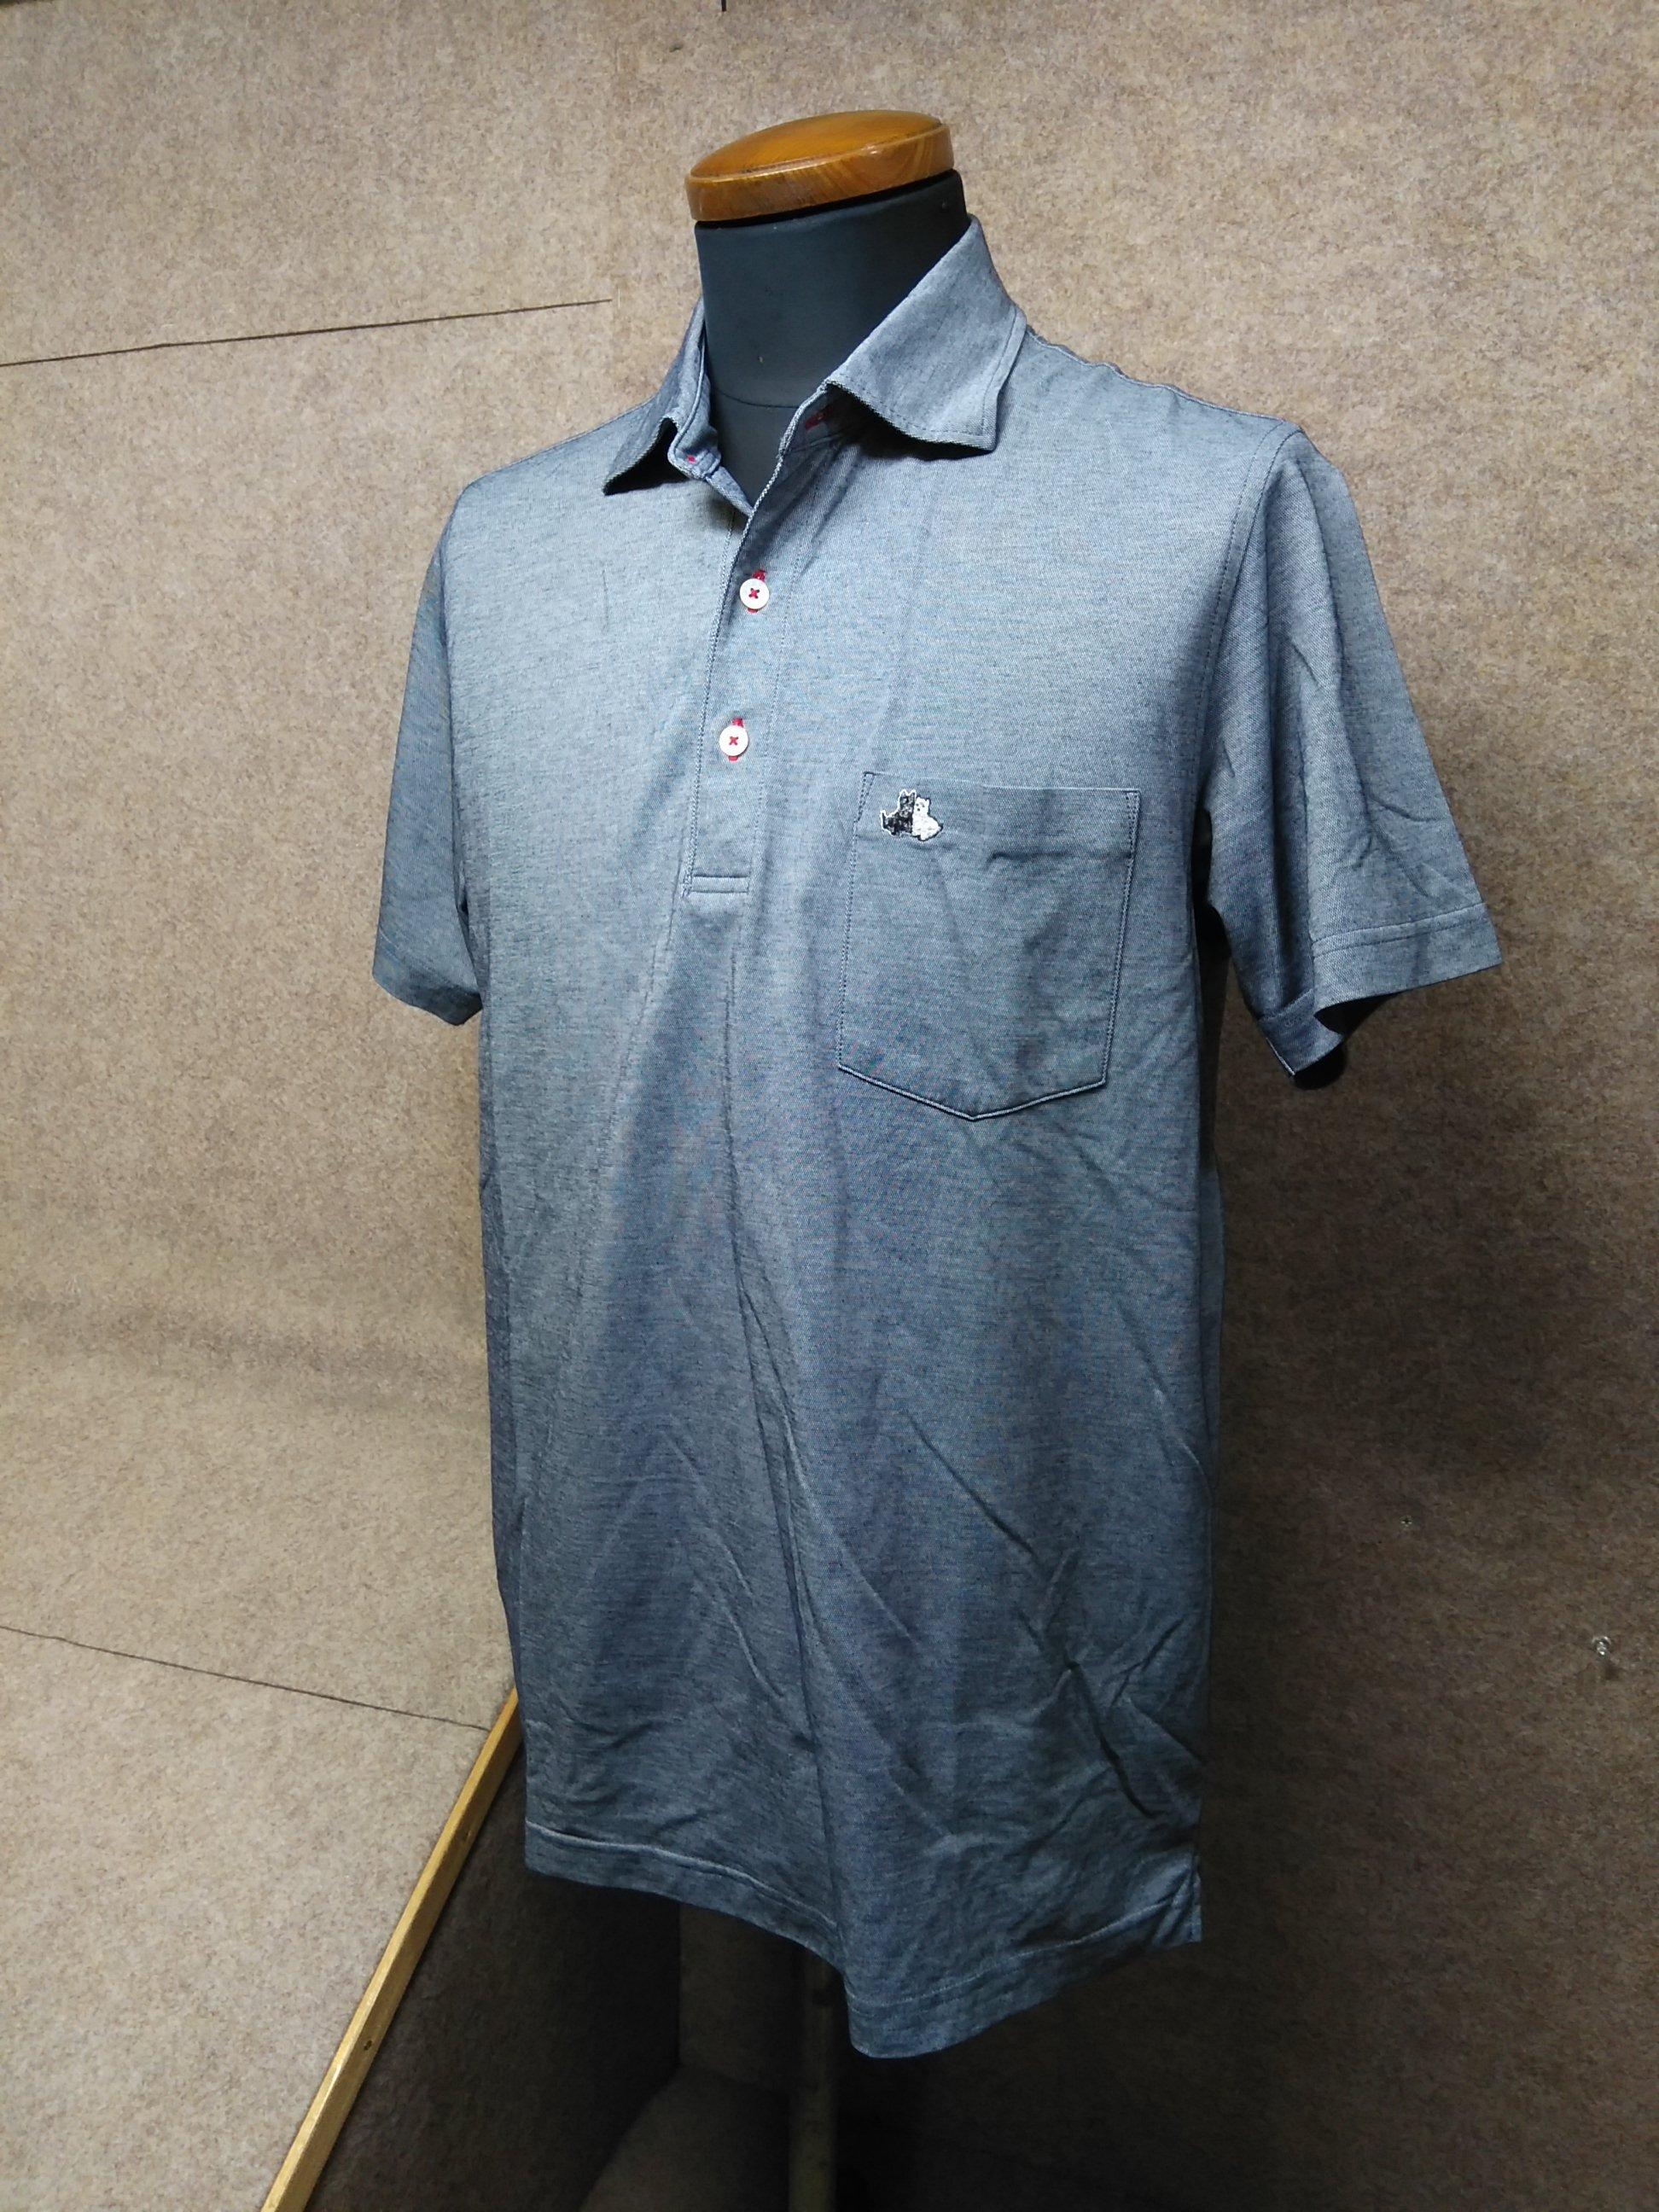 ブラック&ホワイト ポロシャツ メンズ L グレー系 my996c